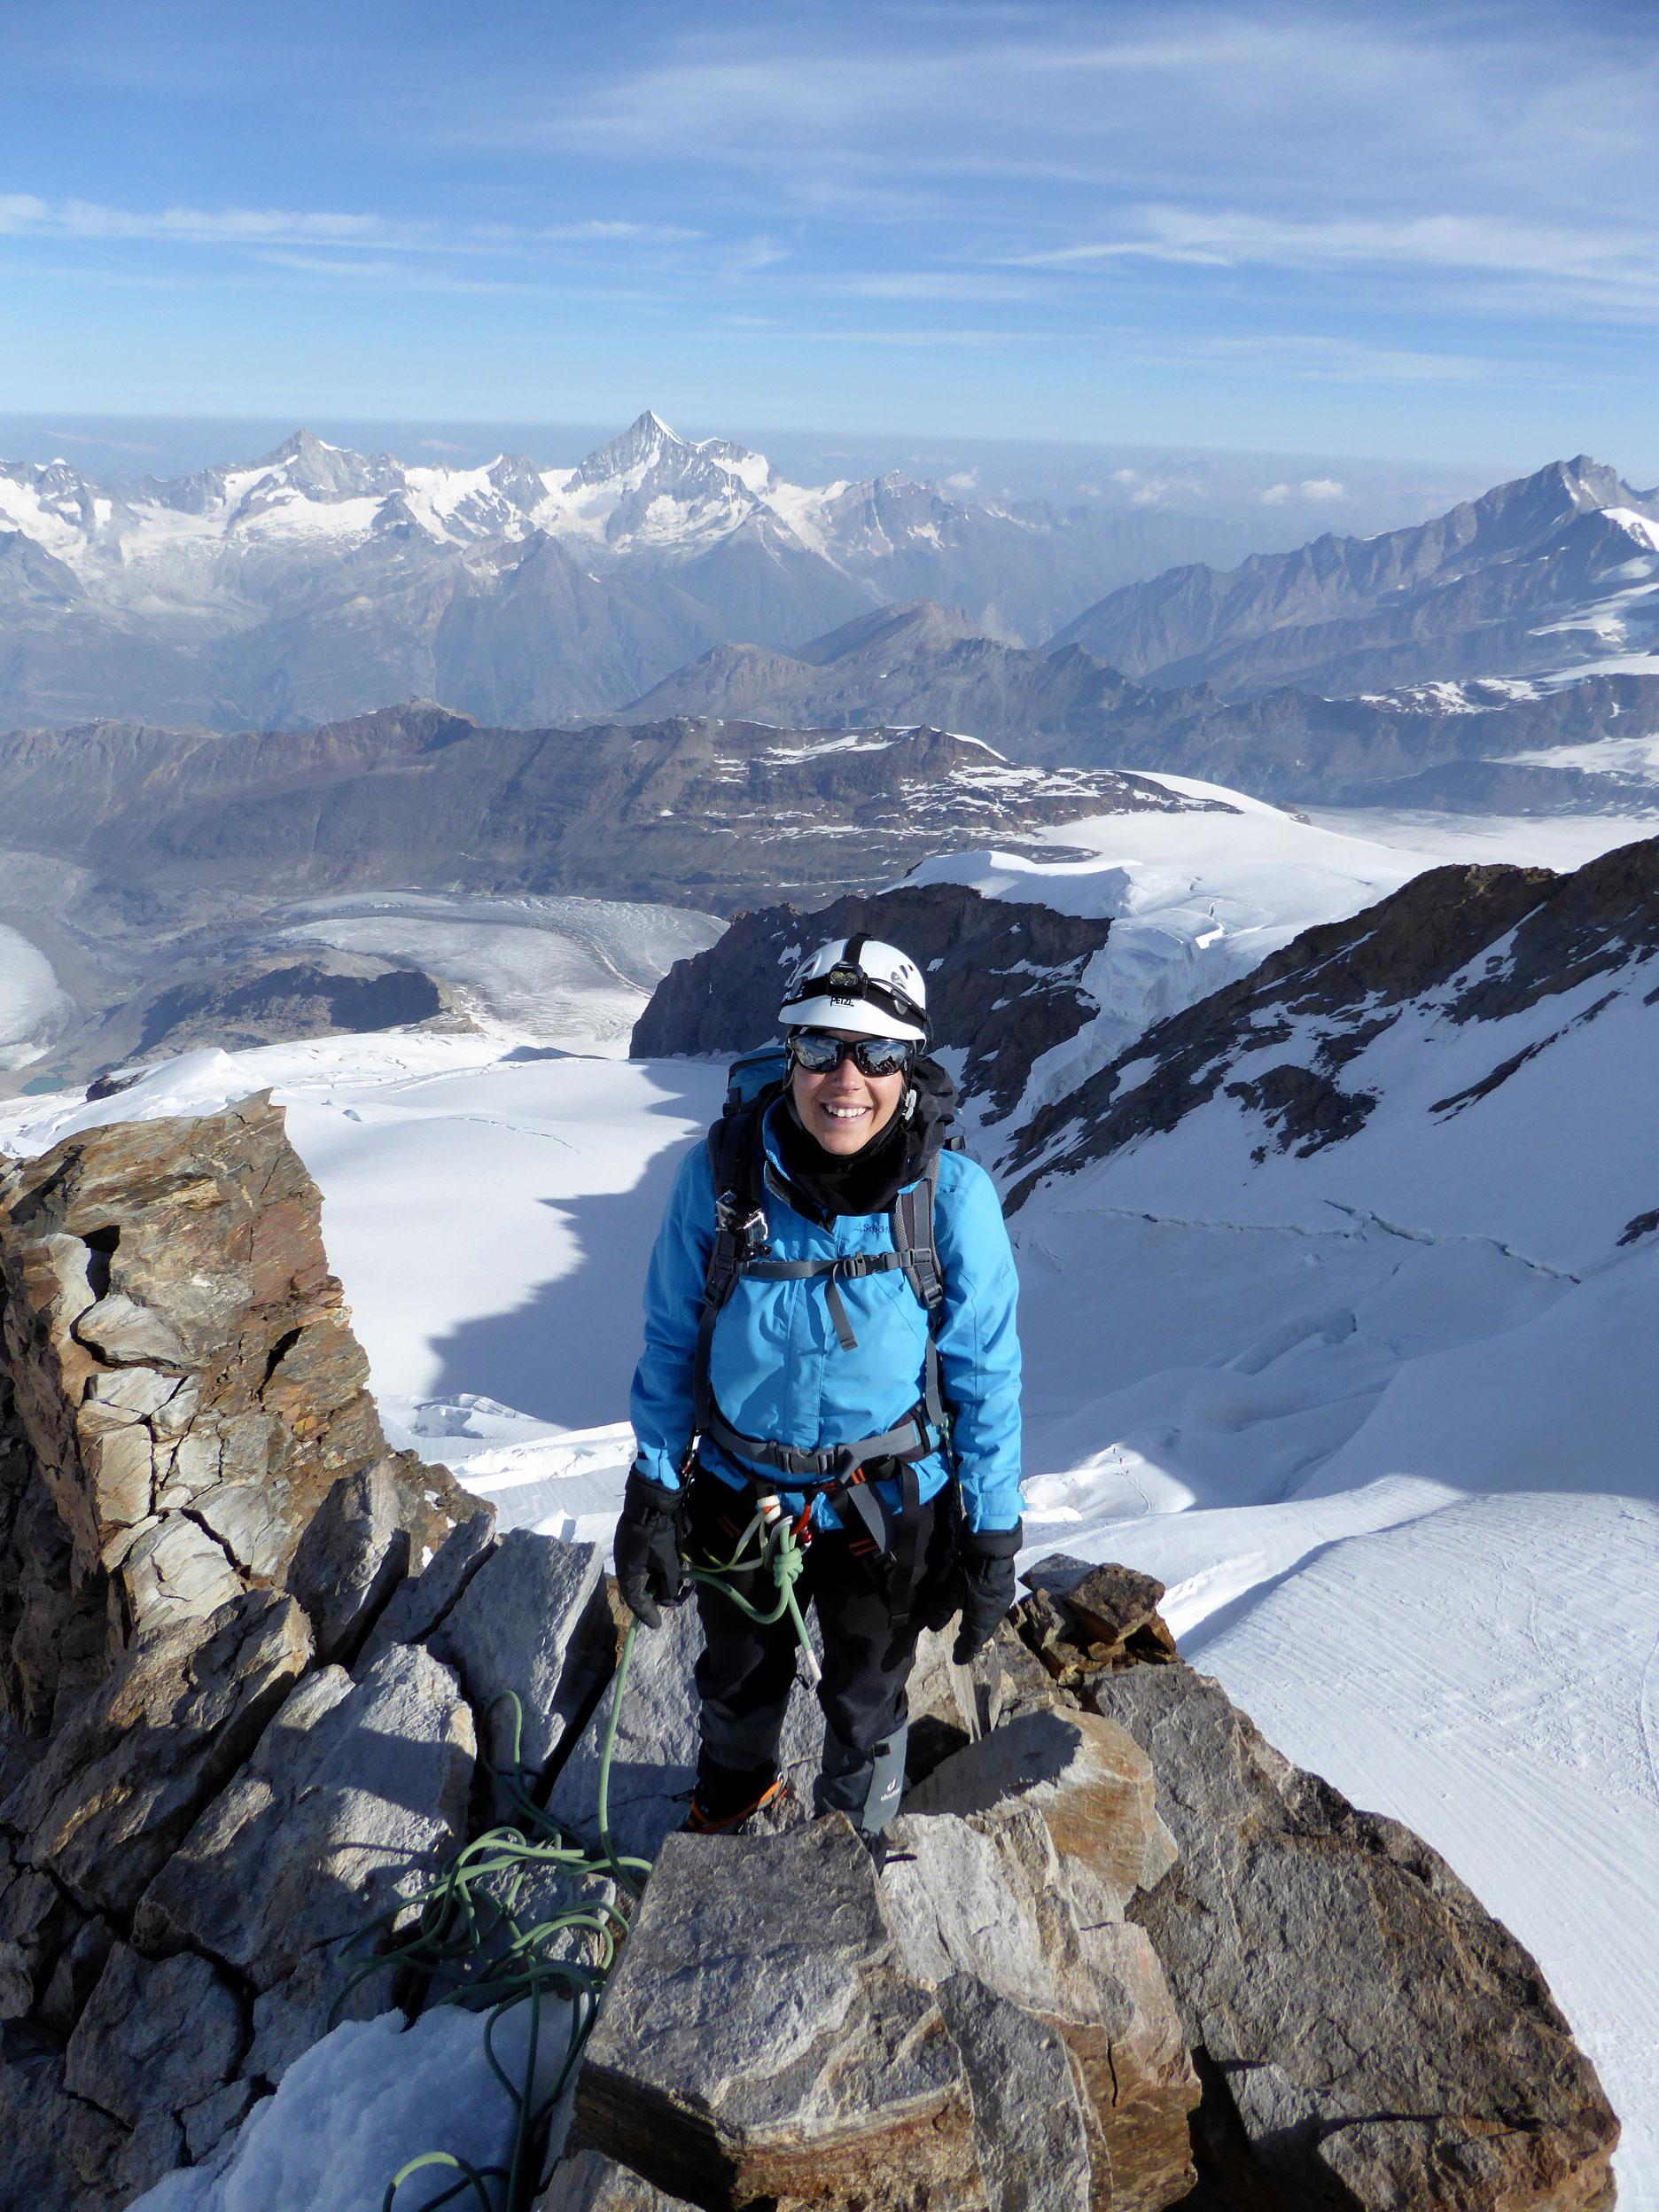 munichmountaingirls-melanie-brem-bergsteigen-schnee-hochtour-kurz-vor-dem-Gipfel-Dufourspitze